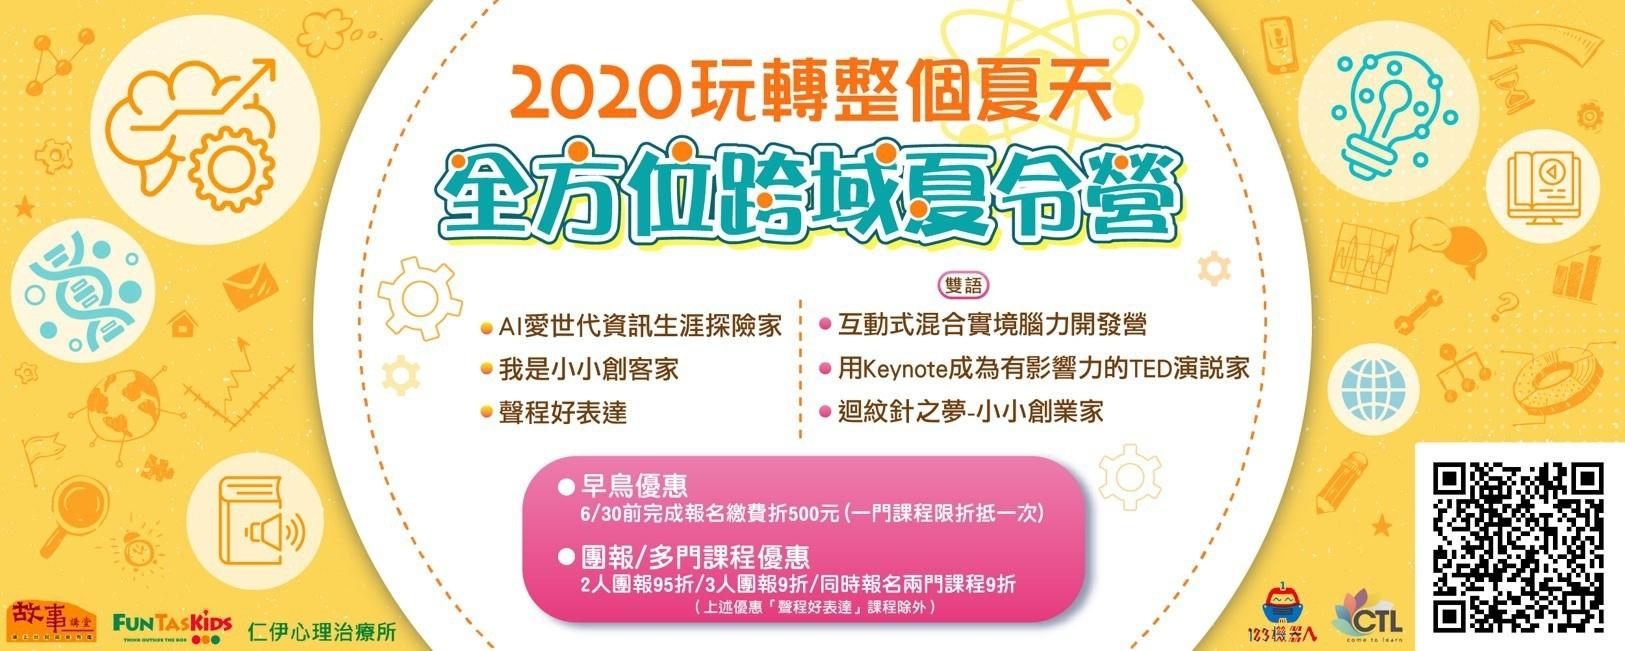 資策會數位教育研究所台中健腦中心「202_200605_0007